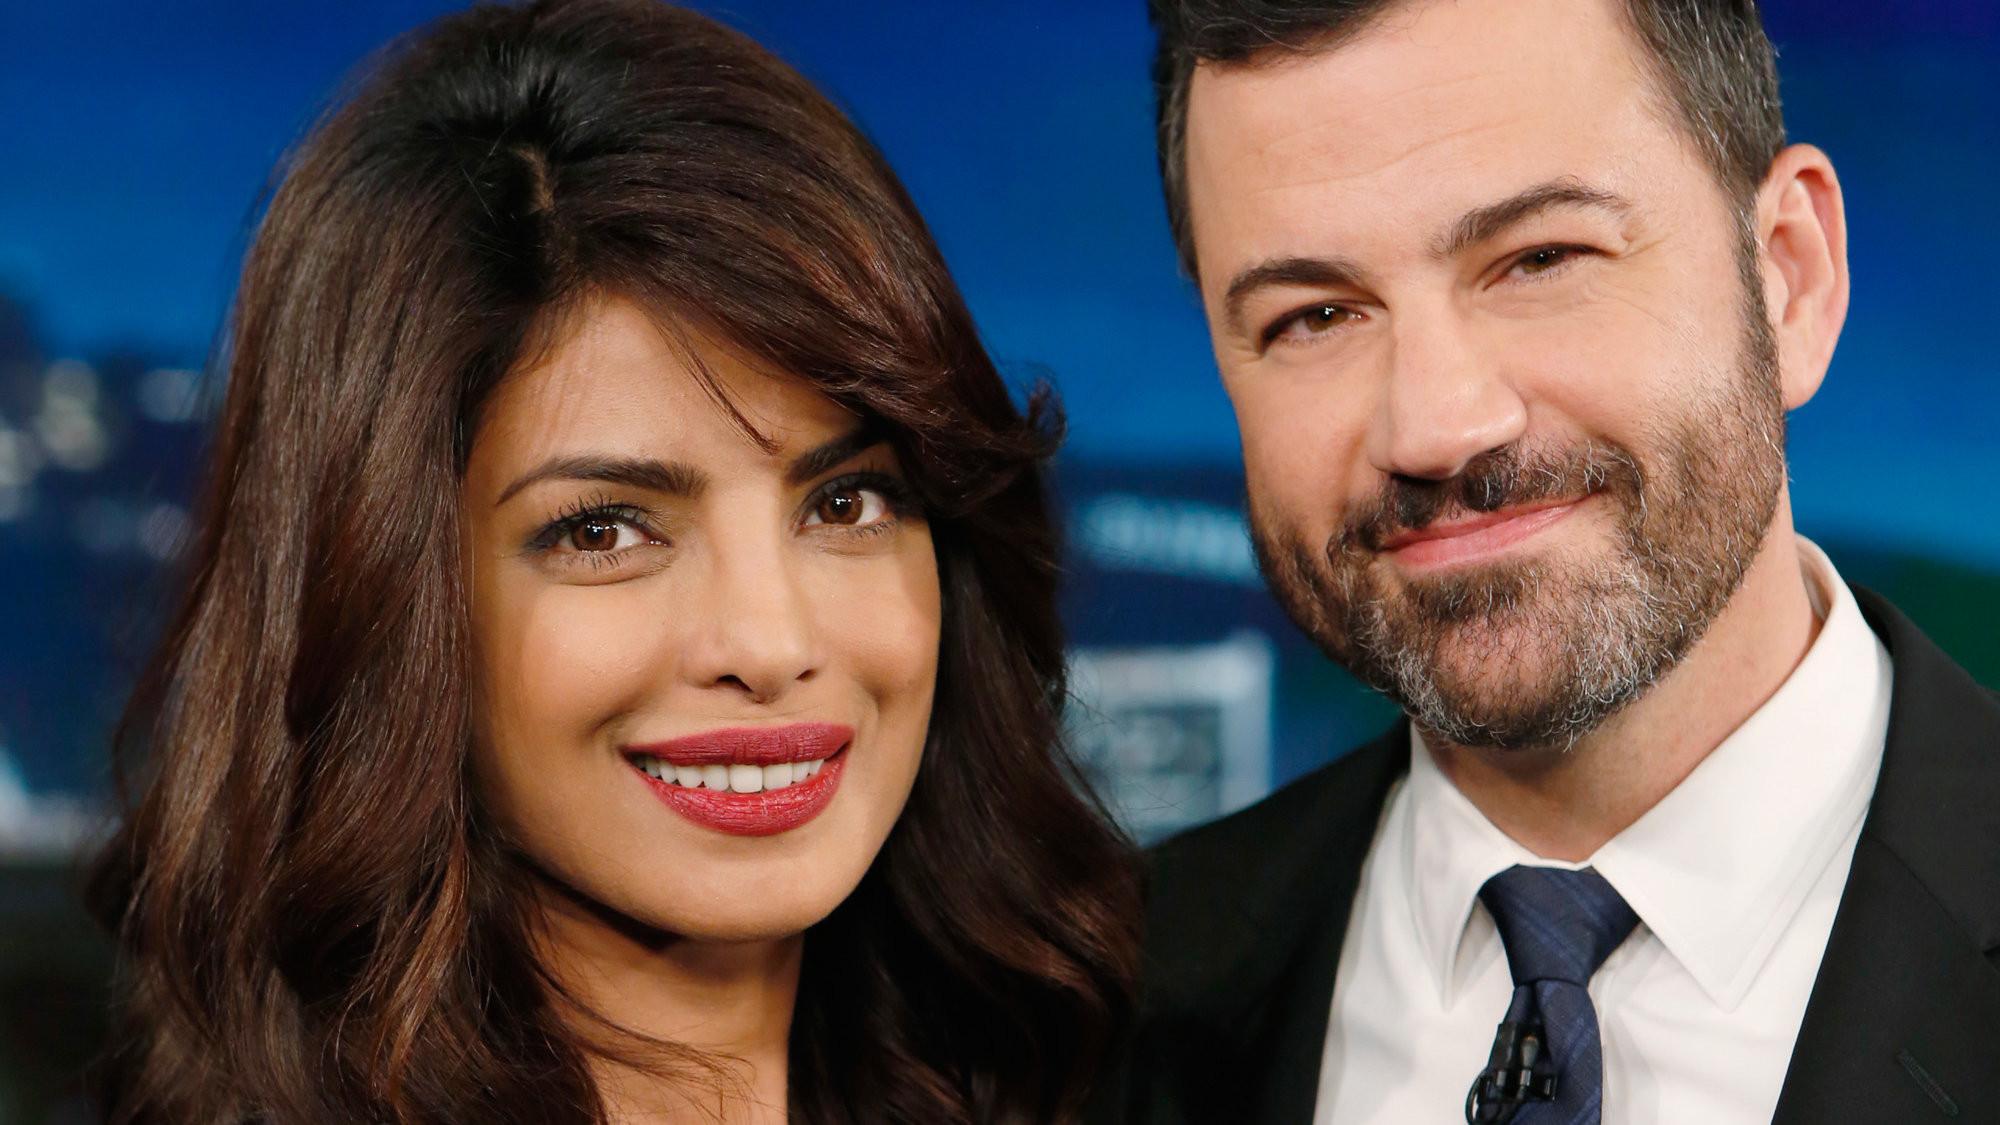 Jimmy Kimmel Photos